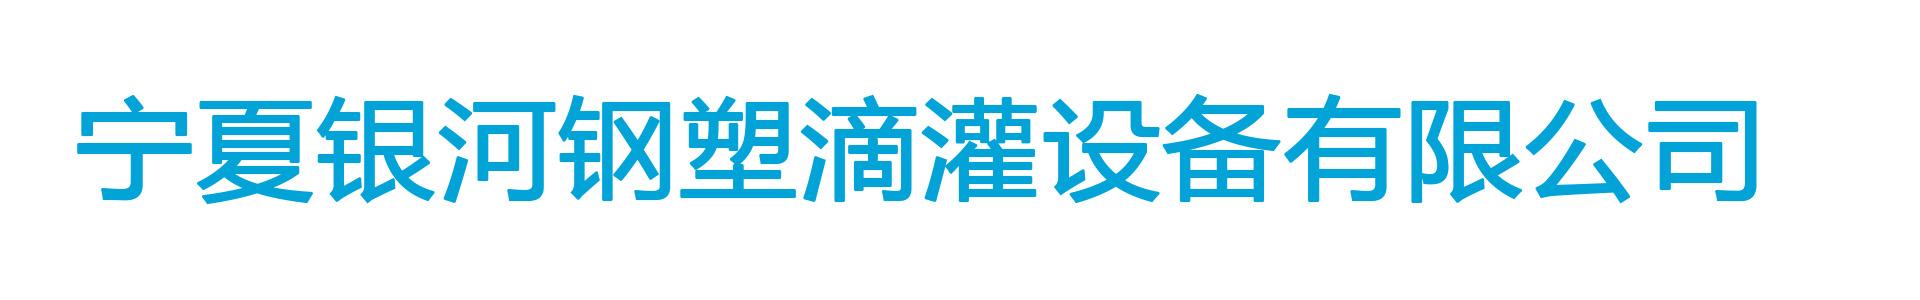 宁夏银河钢塑滴灌设备有限公司